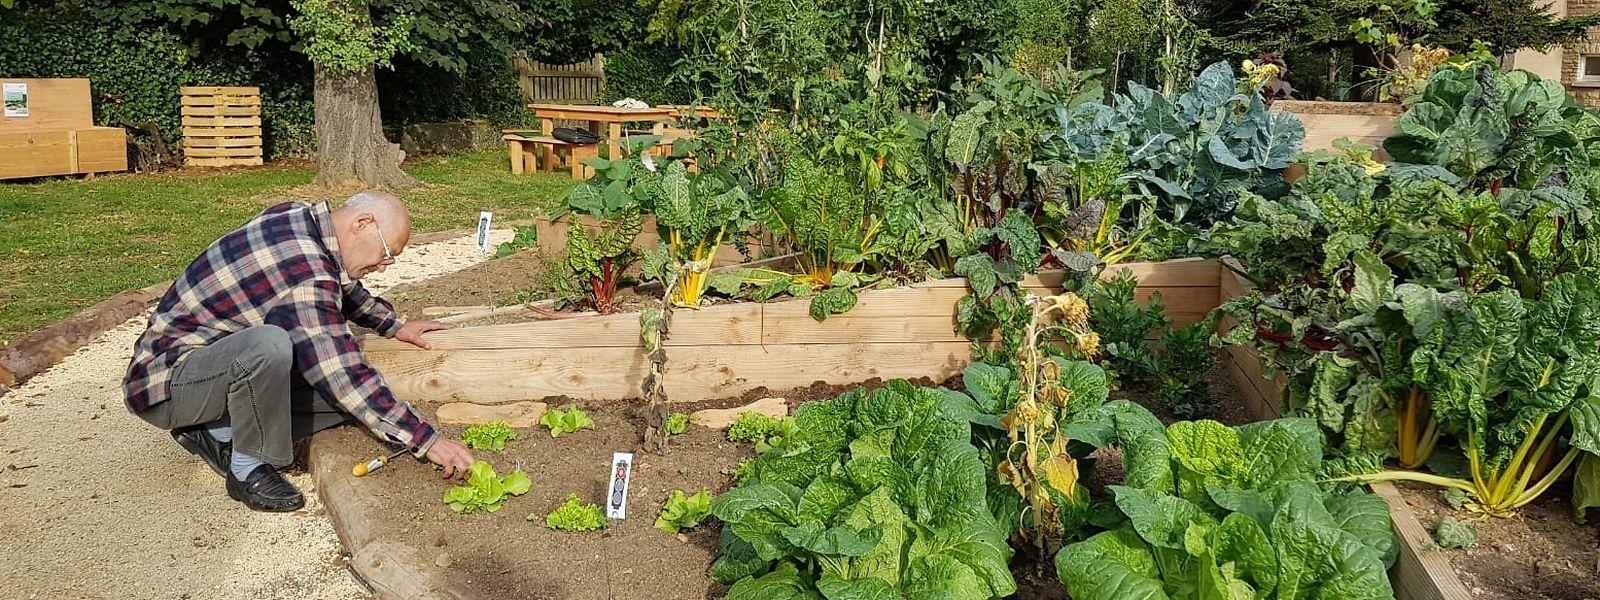 Die Ampel bei den Salatköpfen zeigt rot, noch muss sich Aloyse Heinen im Garten beim CIPA mit der Ernte gedulden.